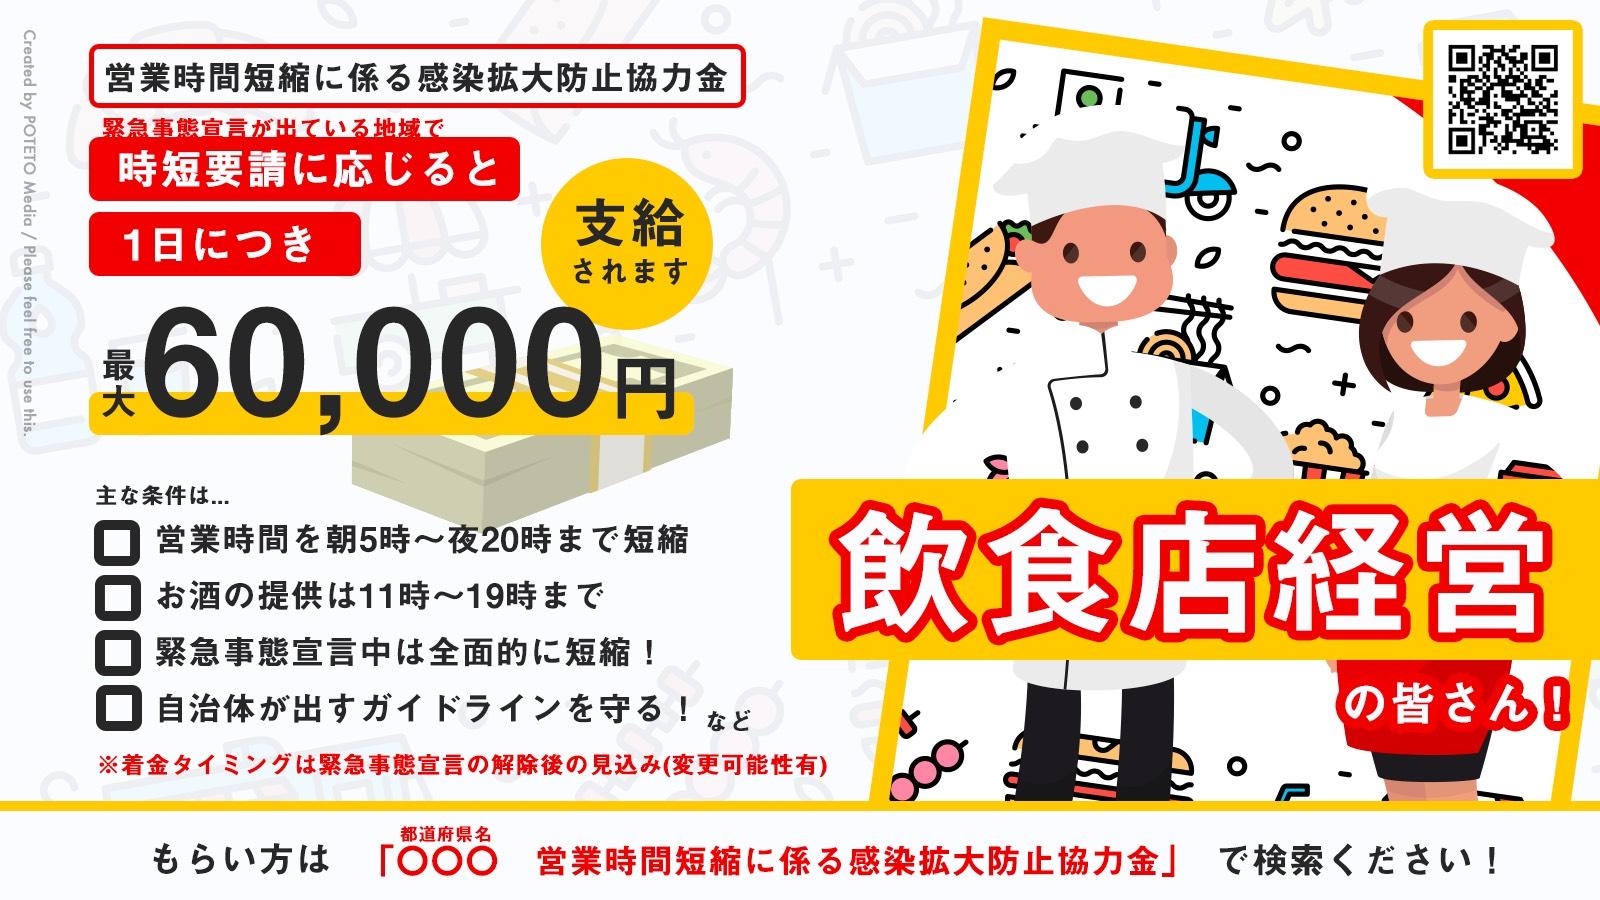 時短で6万円.jpg